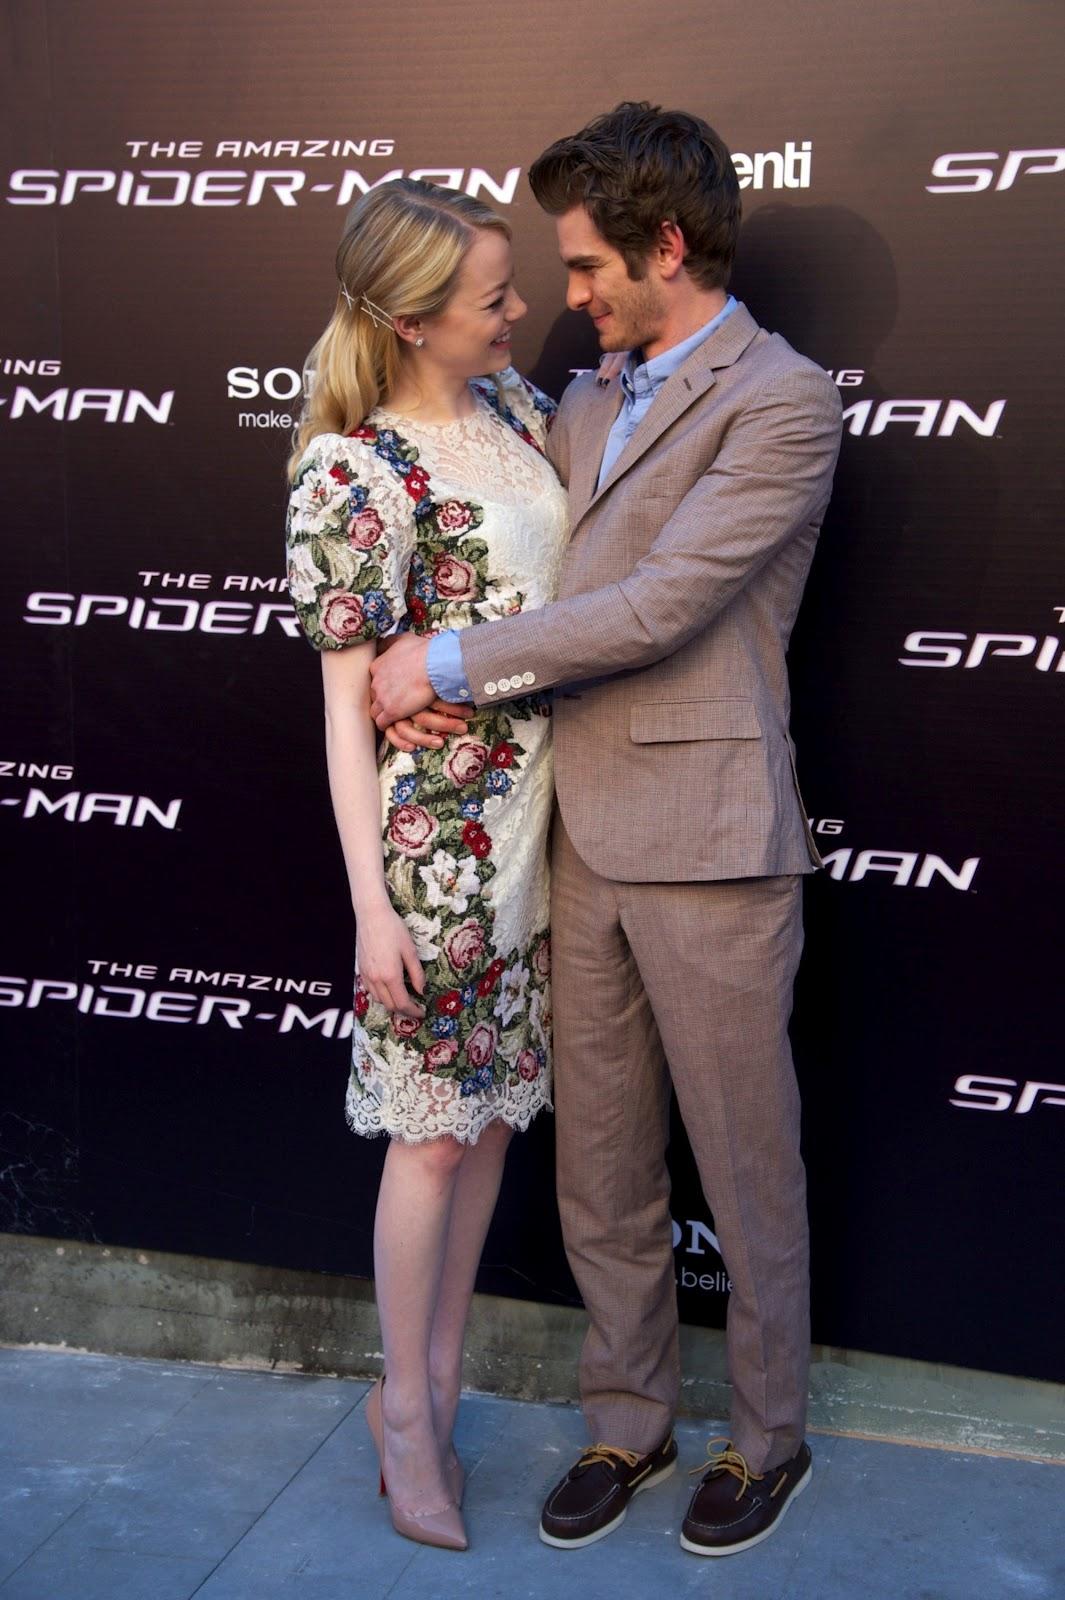 http://2.bp.blogspot.com/-7t0IMwVzj7c/T-PUcYOumcI/AAAAAAAAIx8/CUIL5aWW9mQ/s1600/Emma+Stone+-+The+Amazing+Spider+Man+Premiere+in+Madrid++Spain+-07.jpg